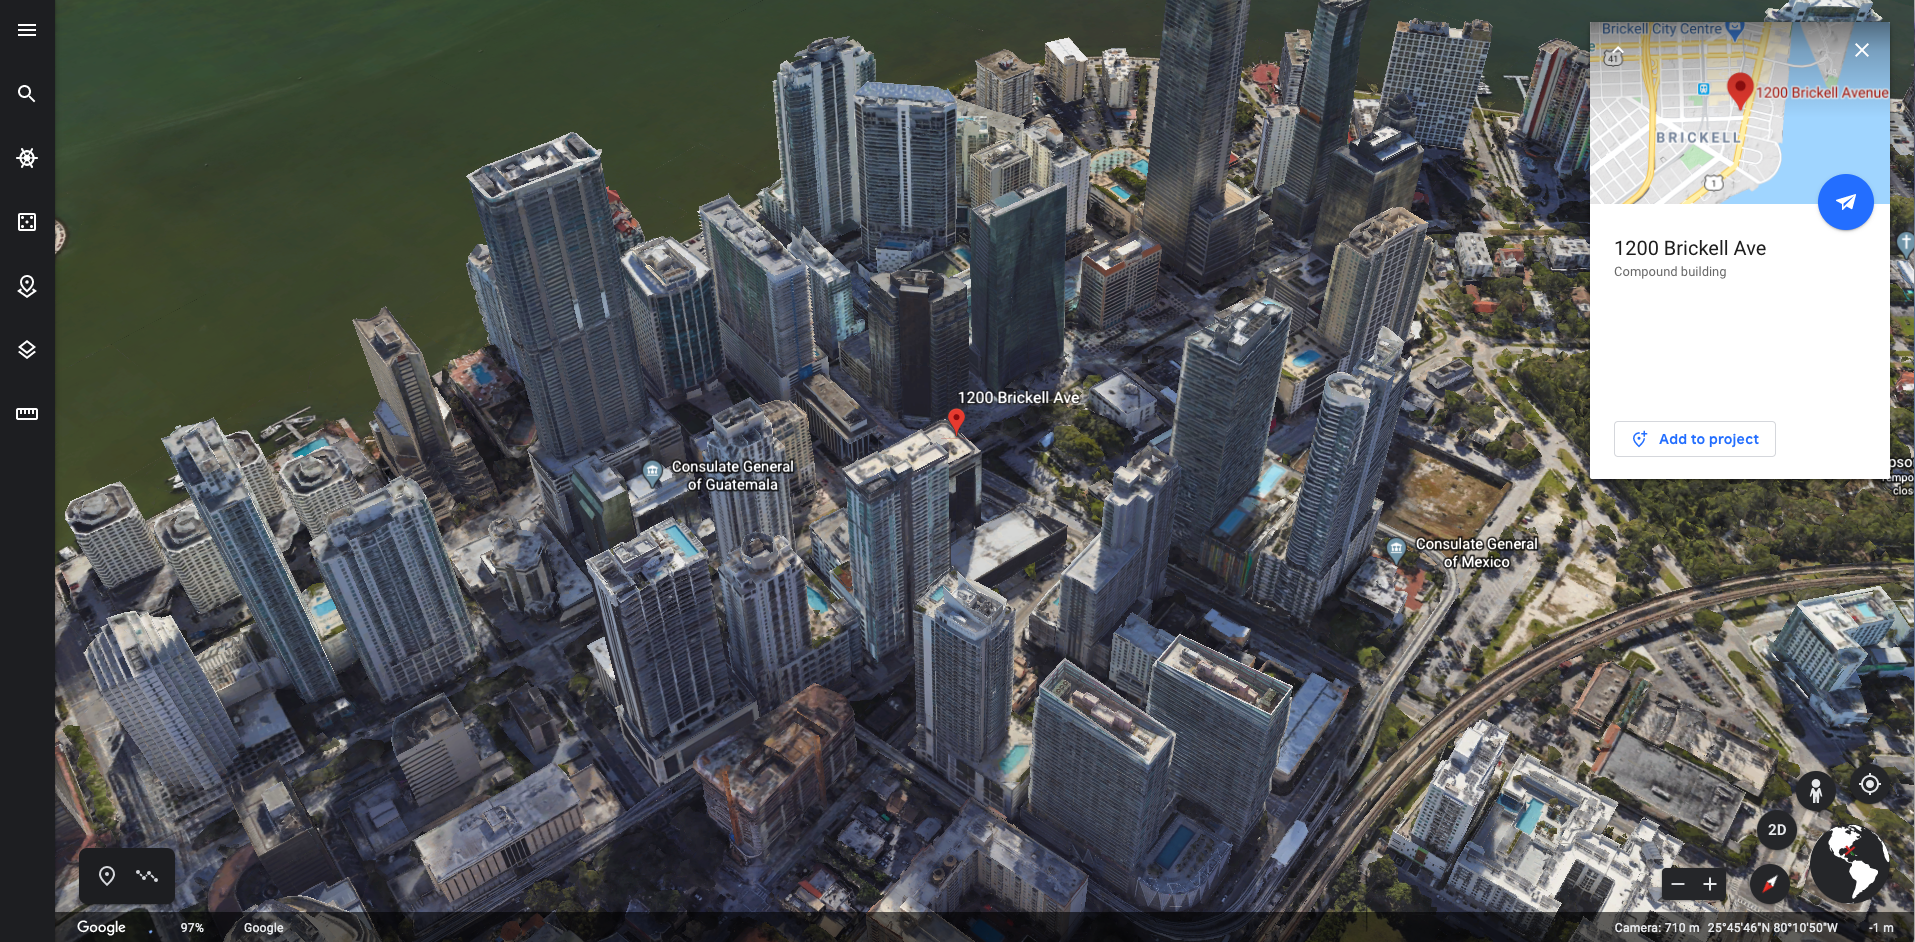 Google_Earth Miami property